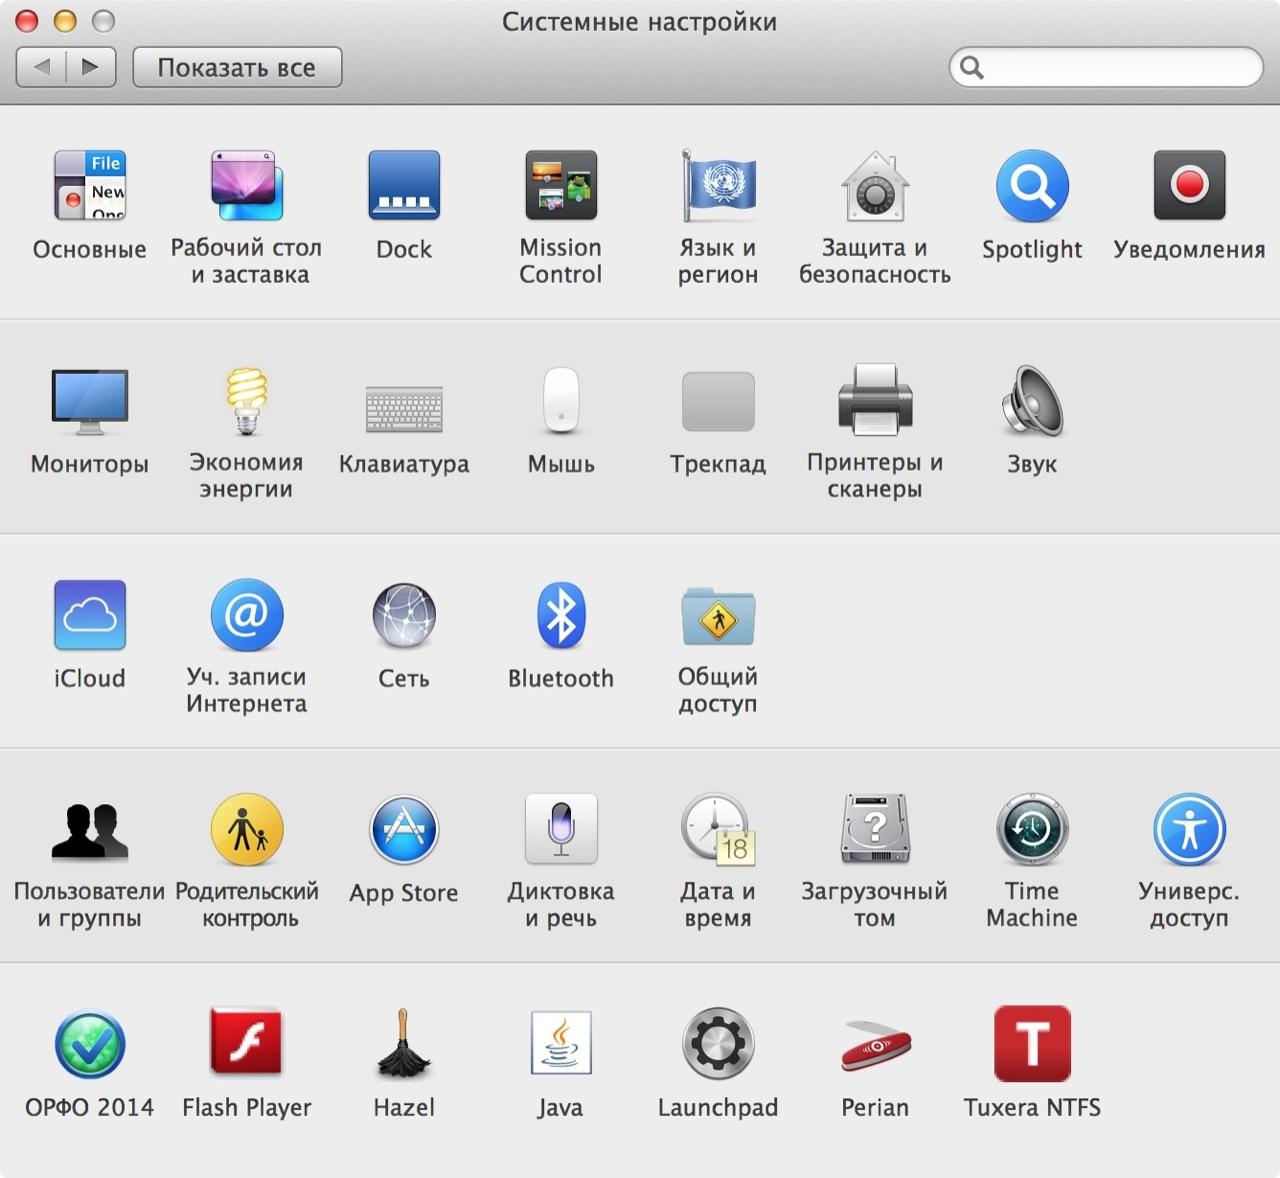 Системные настройки в OS X